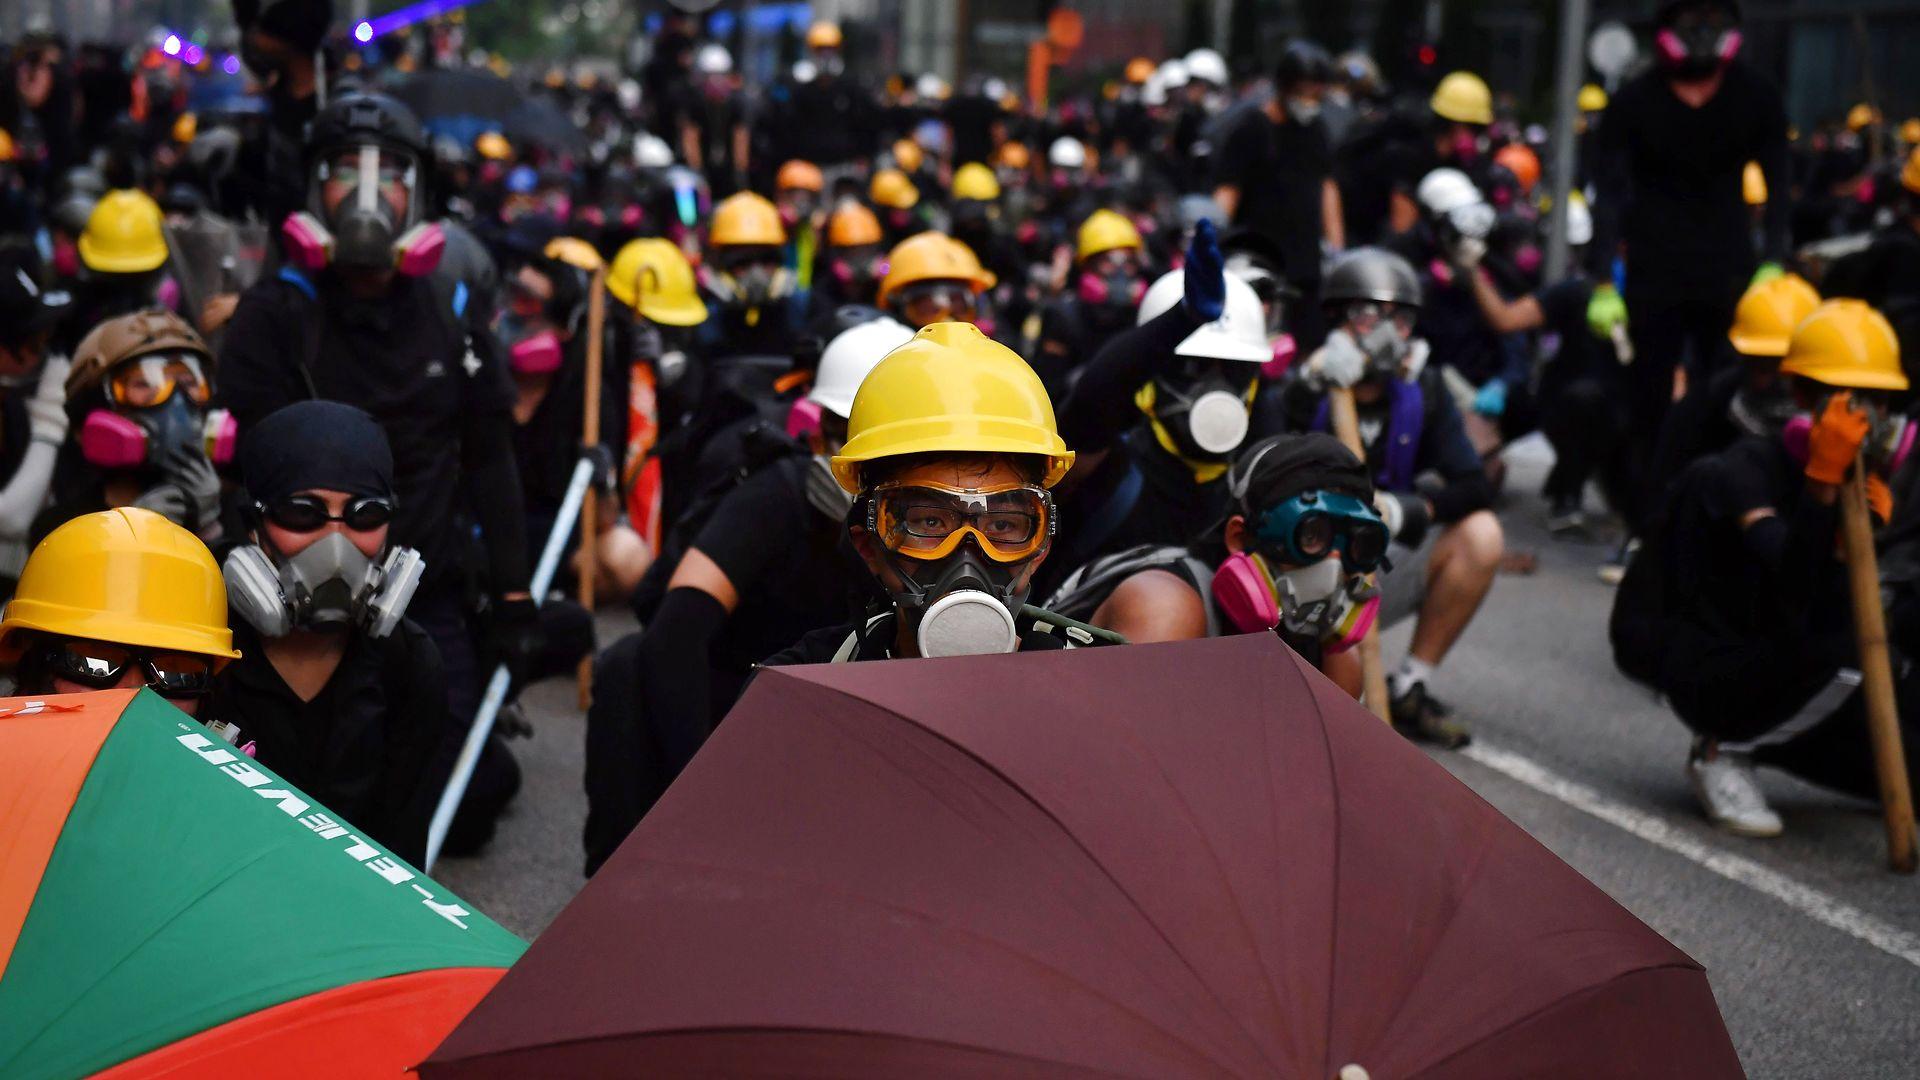 Østasienekspert Roderic Wye: Kun hvis Kinas omdømme er i fare, vil det blive blodigt i Hongkong. Vil det ske?